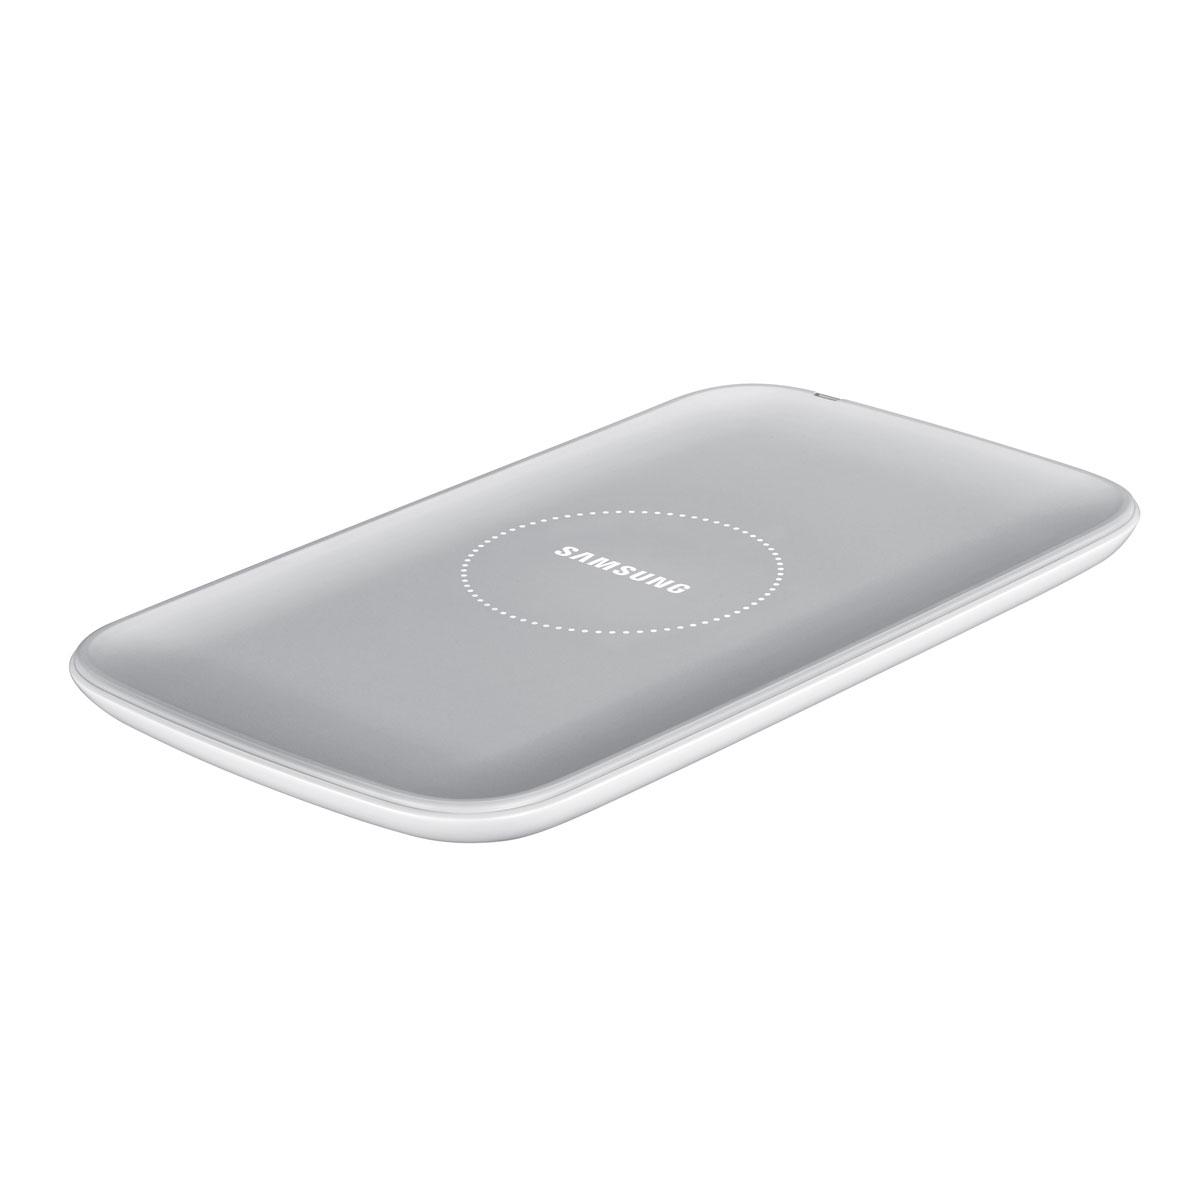 samsung socle de chargement induction ep p100i chargeur t l phone samsung sur. Black Bedroom Furniture Sets. Home Design Ideas